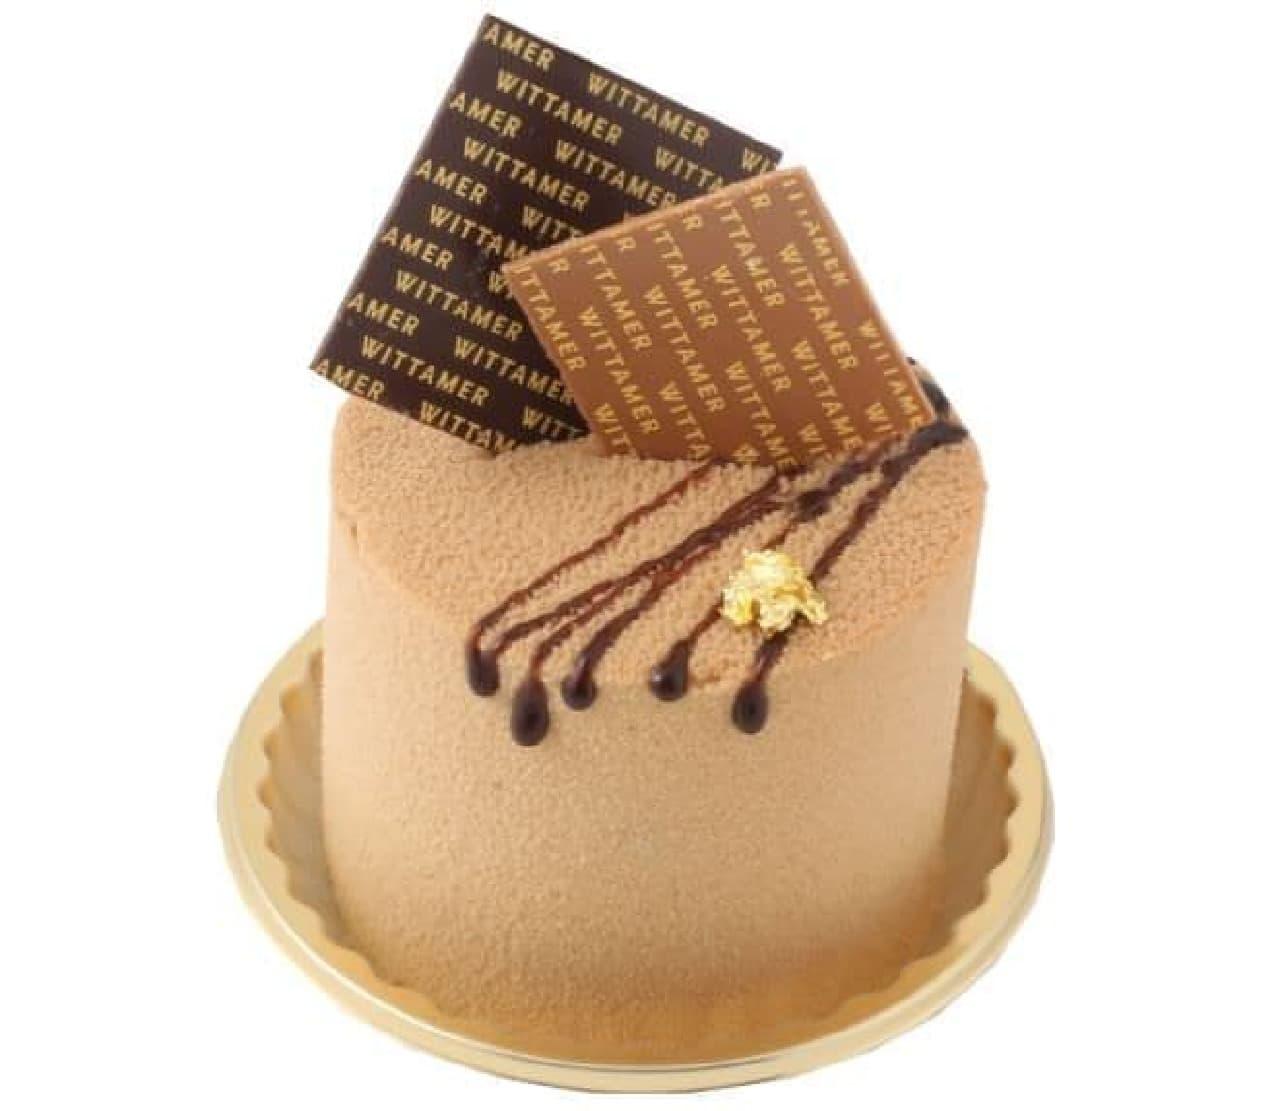 """「ショコラ・オール」は、""""ブロンドチョコレート""""でほろ苦いコーヒークリームとなめらかなキャラメルクリームが包まれたスイーツ"""